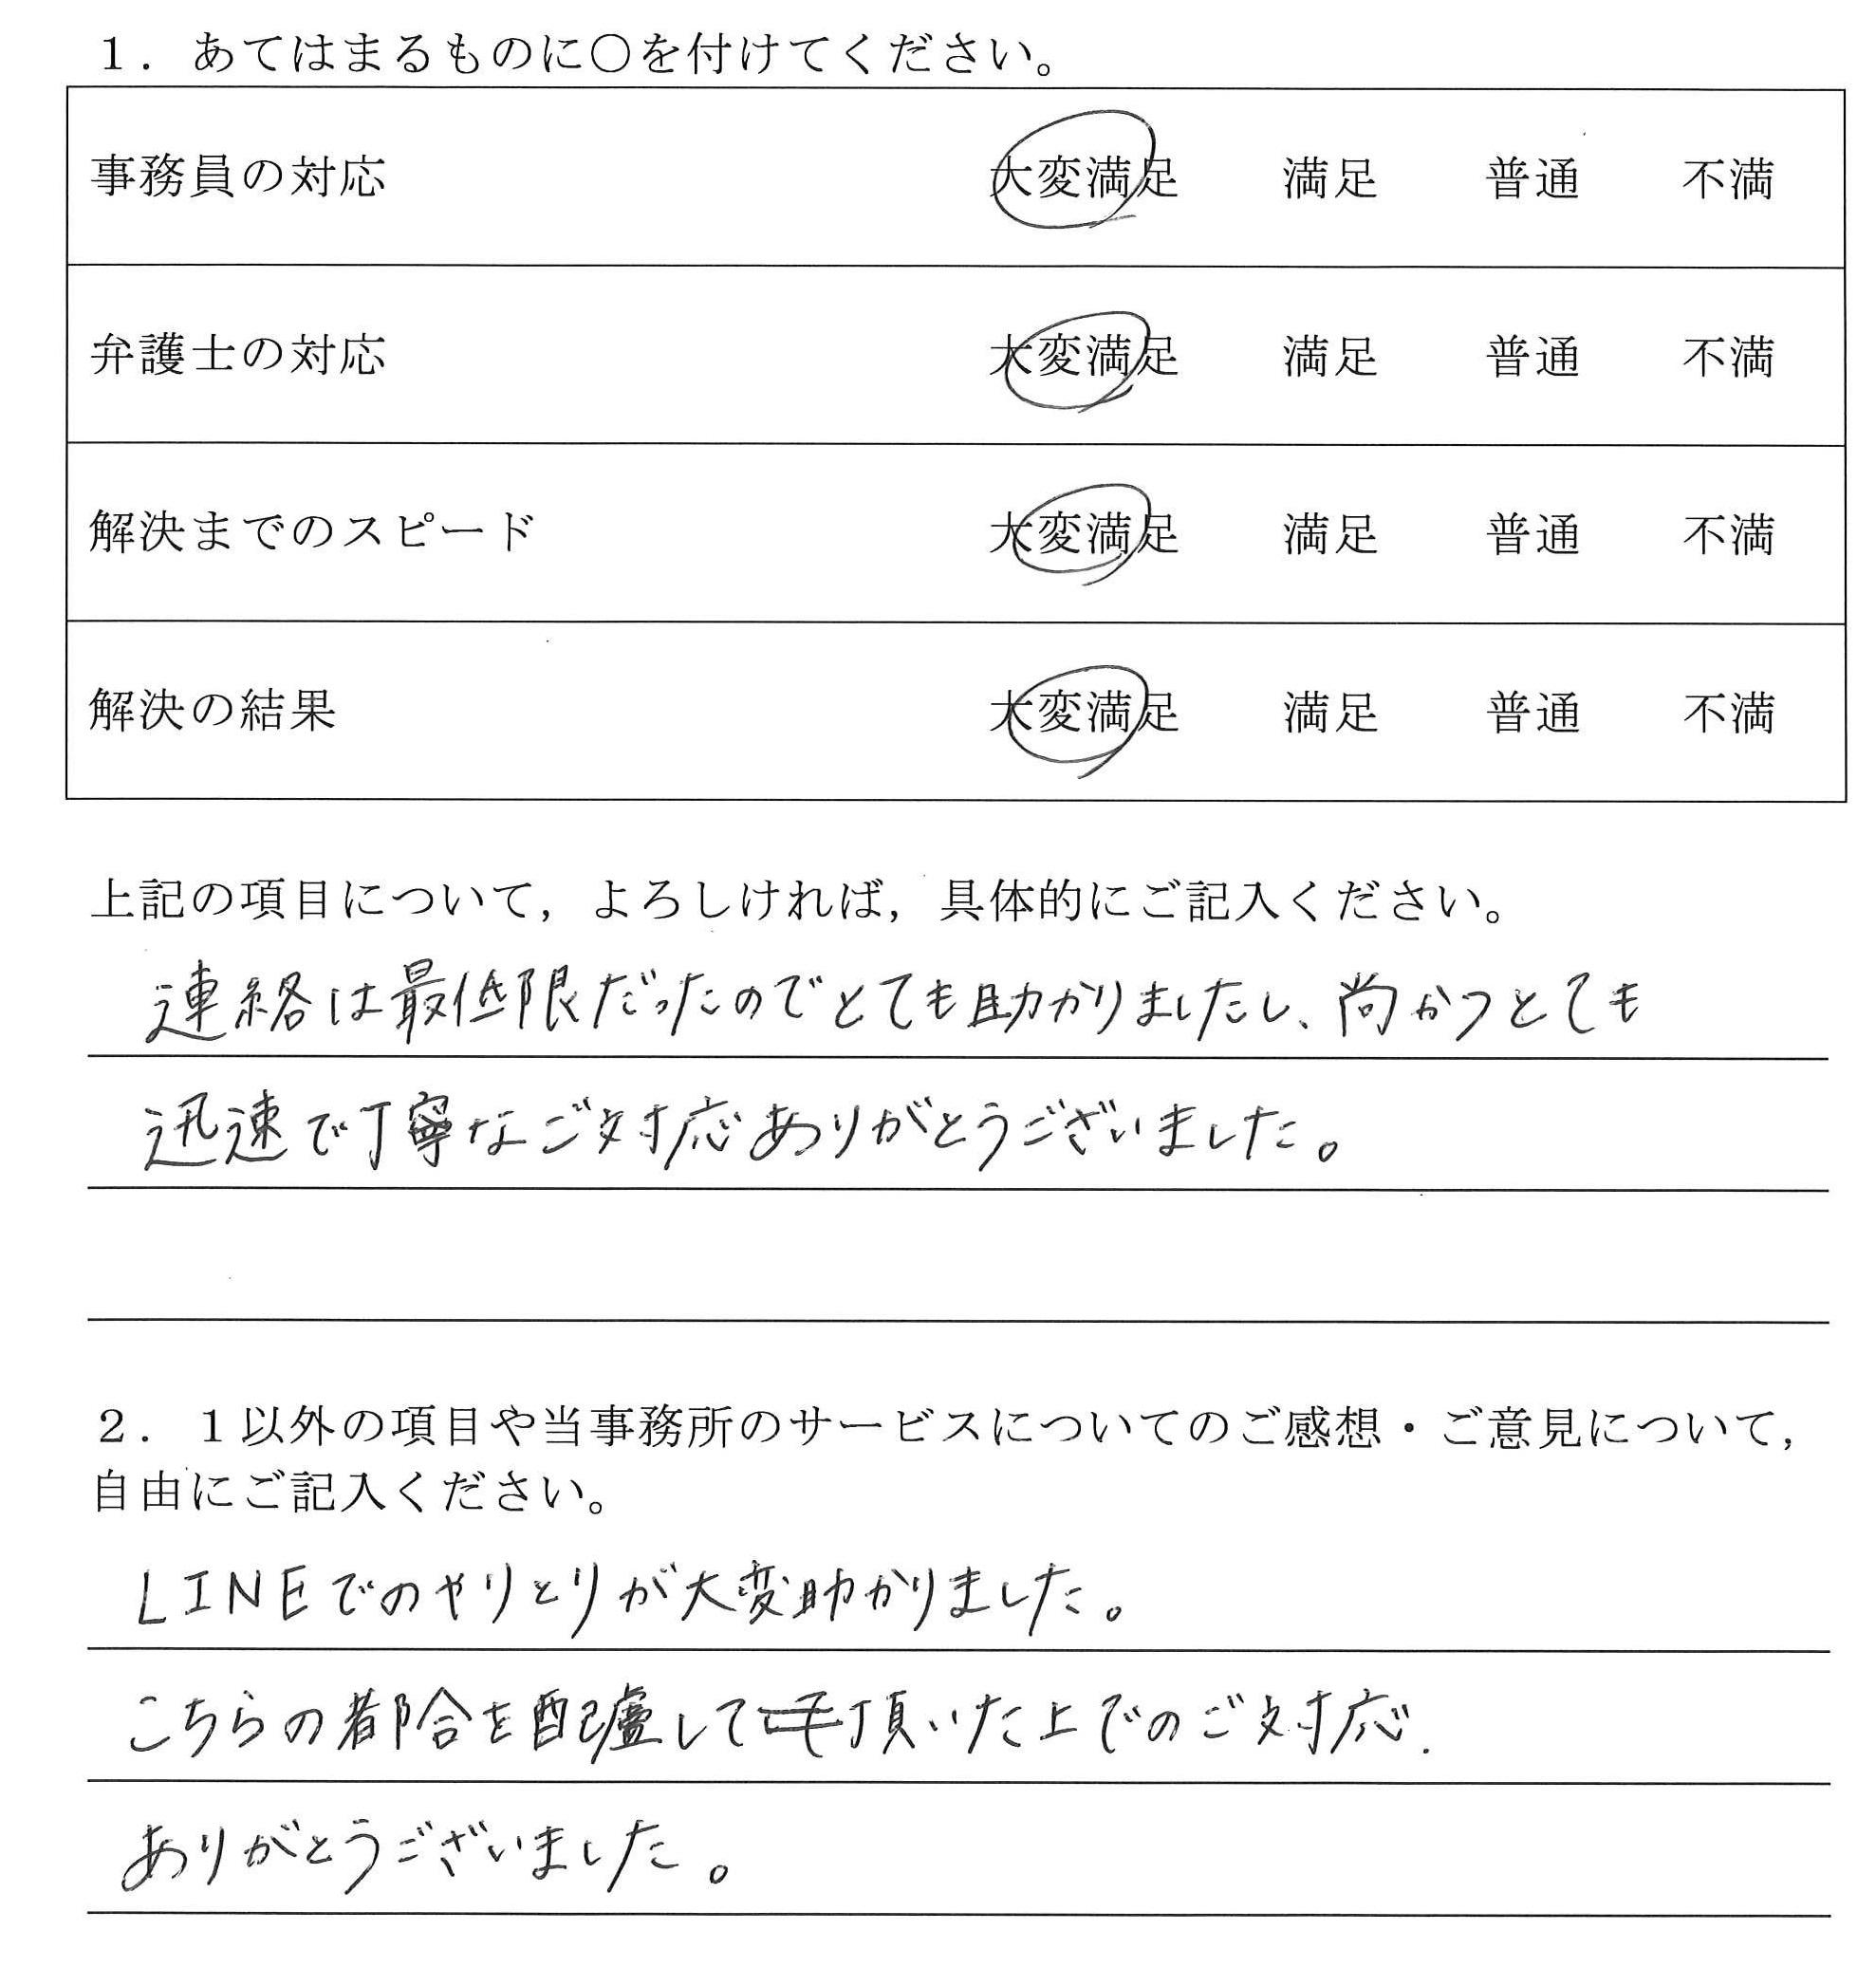 名古屋市20代女性(不貞問題・慰謝料請求) : 連絡は最低限だったのでとても助かりましたし、尚かつとても迅速で丁寧なご対応ありがとうございました。 LINEでのやりとりが大変助かりました。 こちらの都合を配慮して頂いた上でのご対応、ありがとうございました。